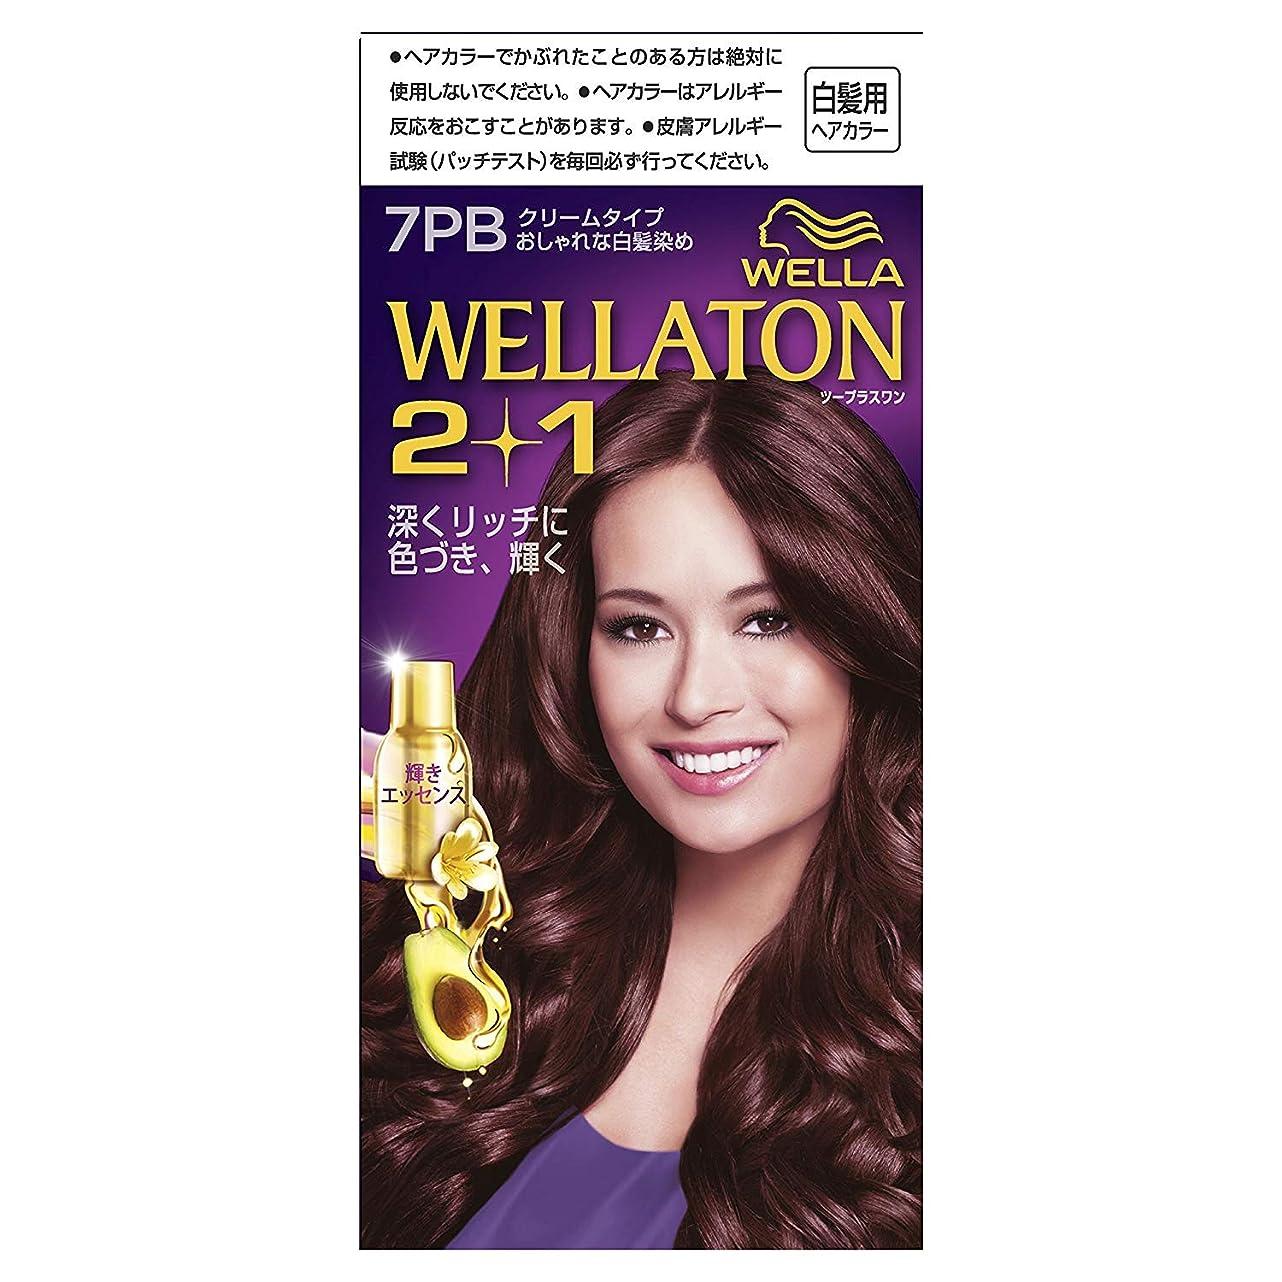 あたたかい写真道路ウエラトーン2+1 白髪染め クリームタイプ 7PB [医薬部外品] ×3個